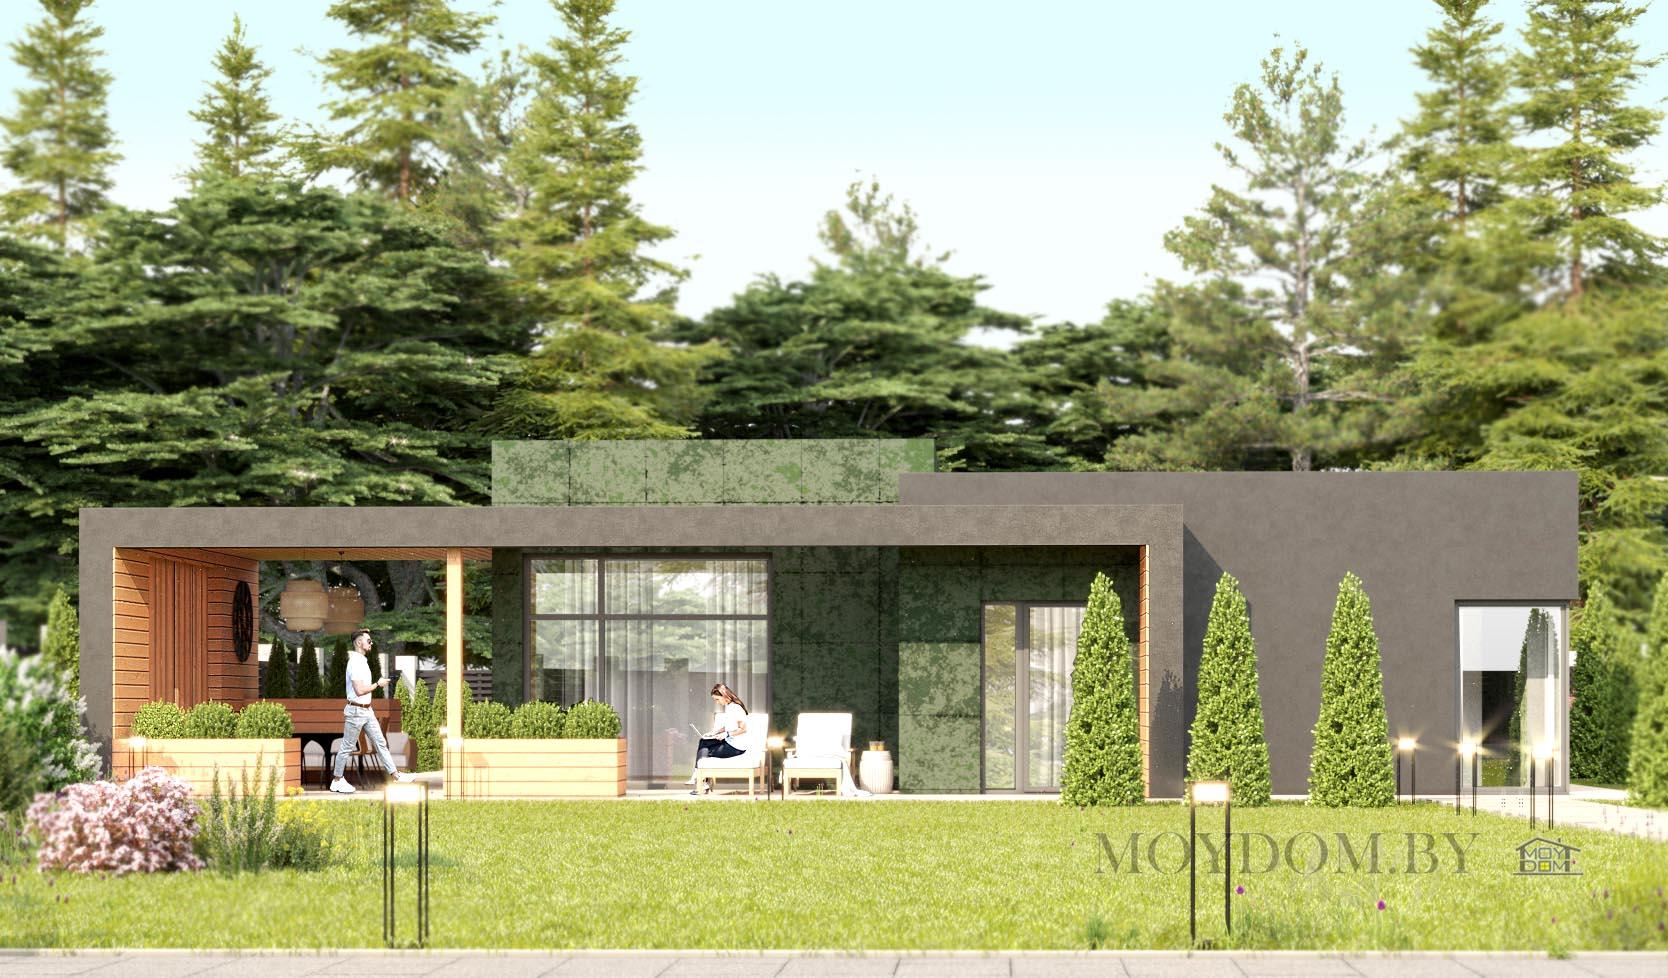 фото проекта одноэтажного дома 927 с плоской крышей 4 спальни и террасой